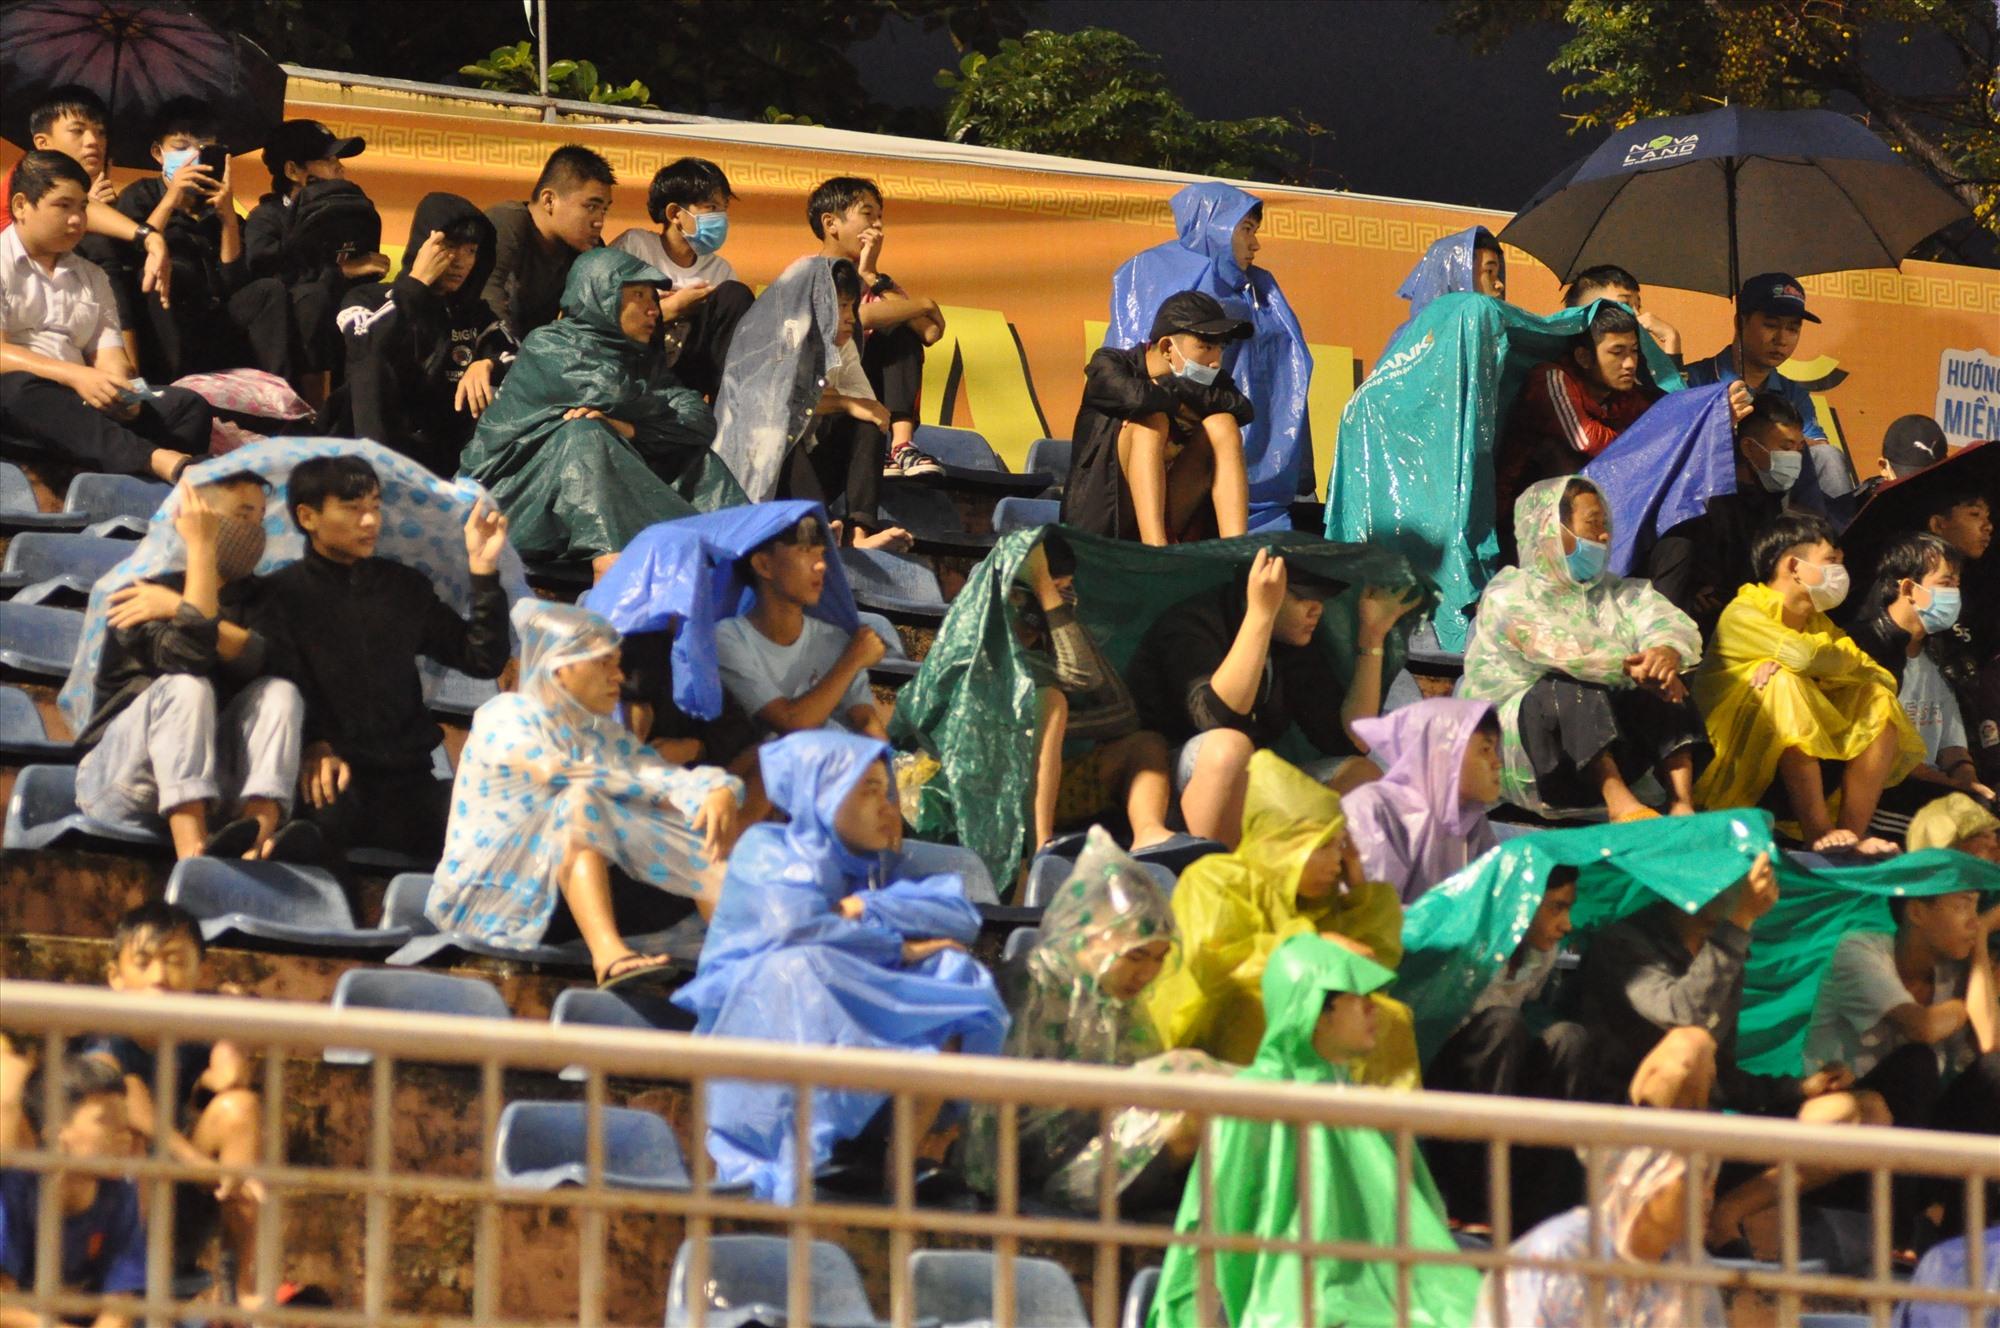 Người hâm mộ xứ Quảng đội mưa cổ vũ cho đội nhà. Ảnh: T.V